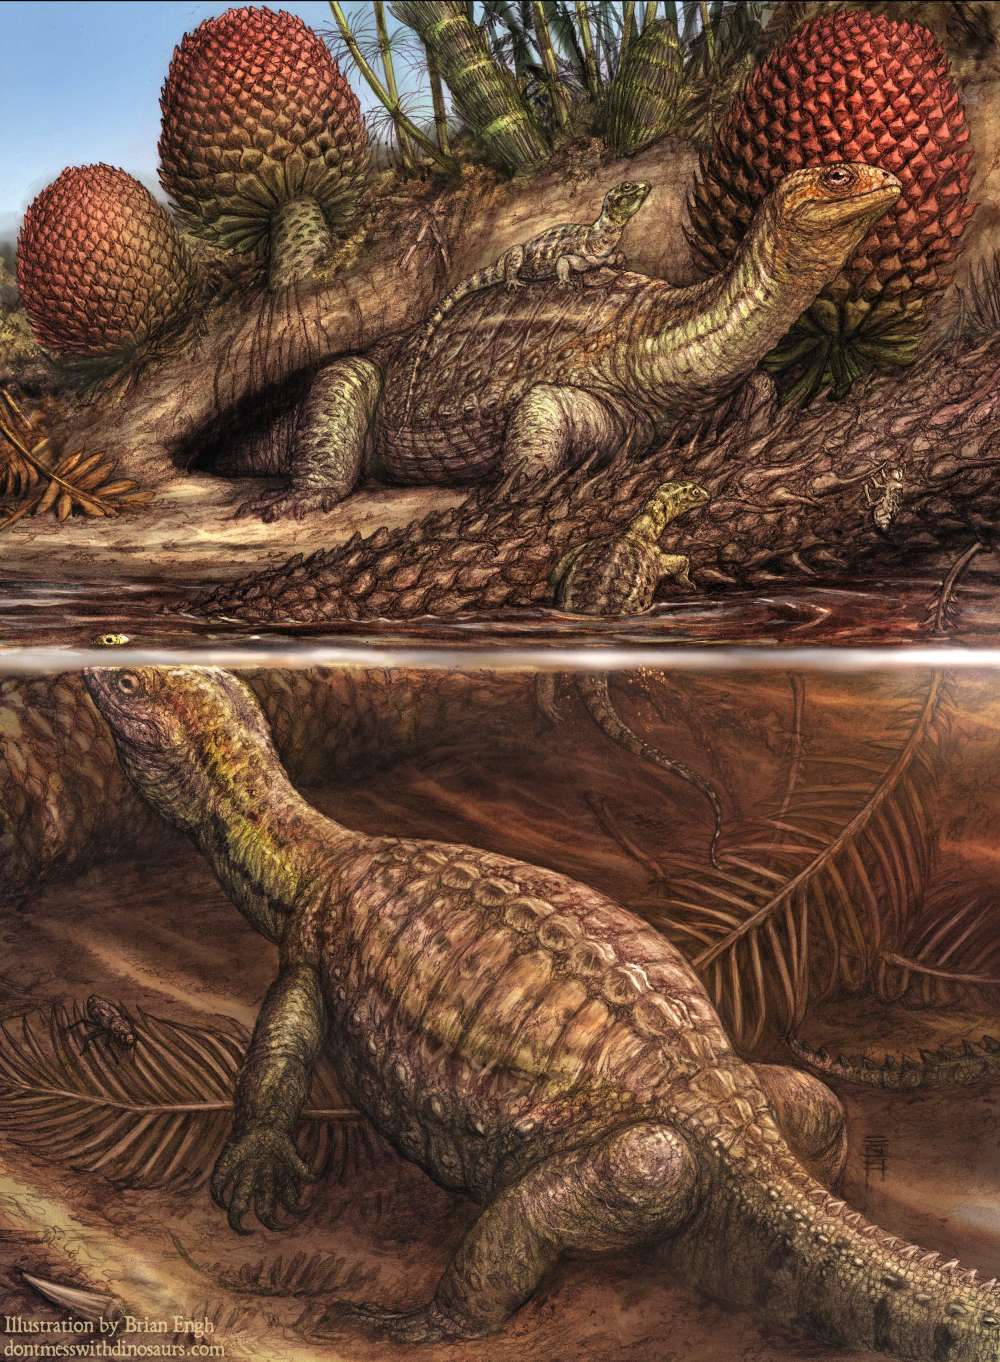 Ilustración de la tortuga de tallo triásico